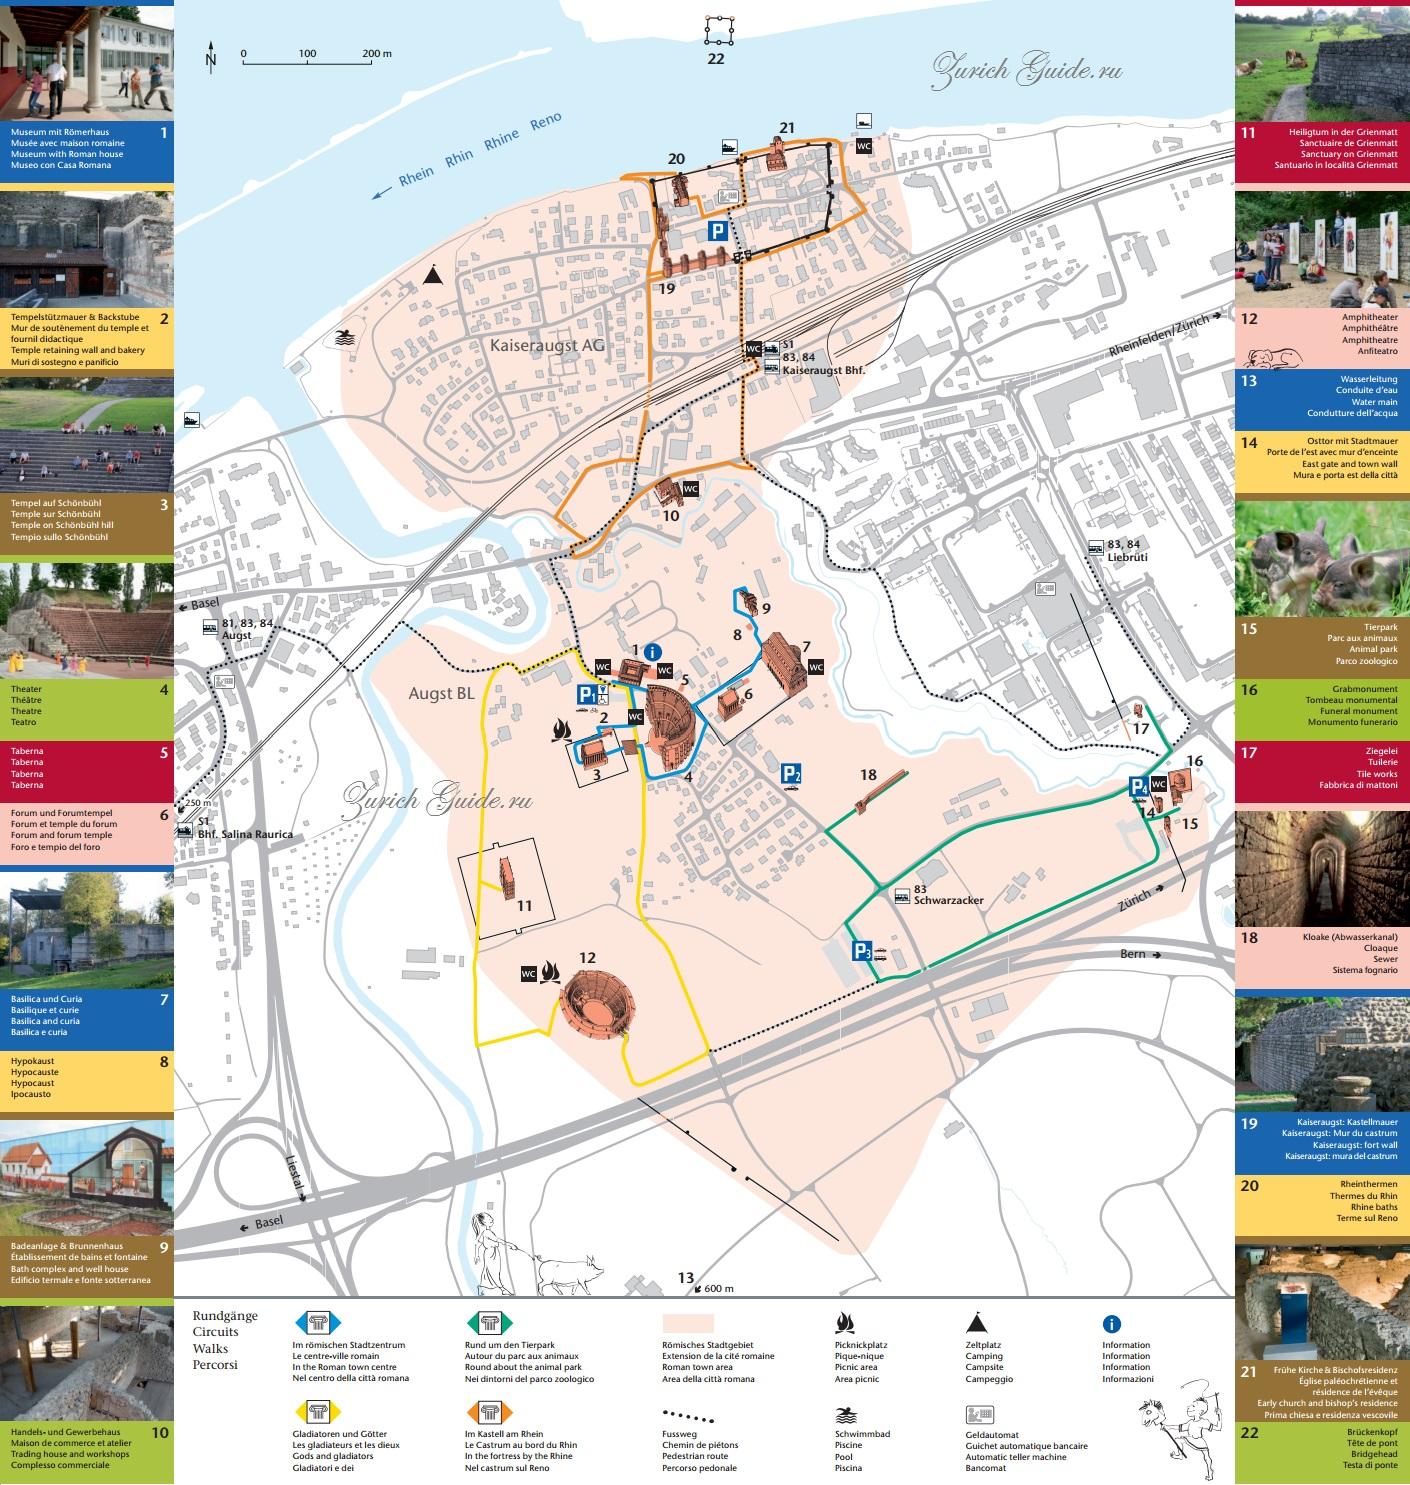 Карта - путеводитель по городу Аугуста Раурика (Augusta Raurica), окрестности Базеля, достопримечательности Швейцарии, древнеримские памятники в Швейцарии, что посмотреть вокруг Базеля